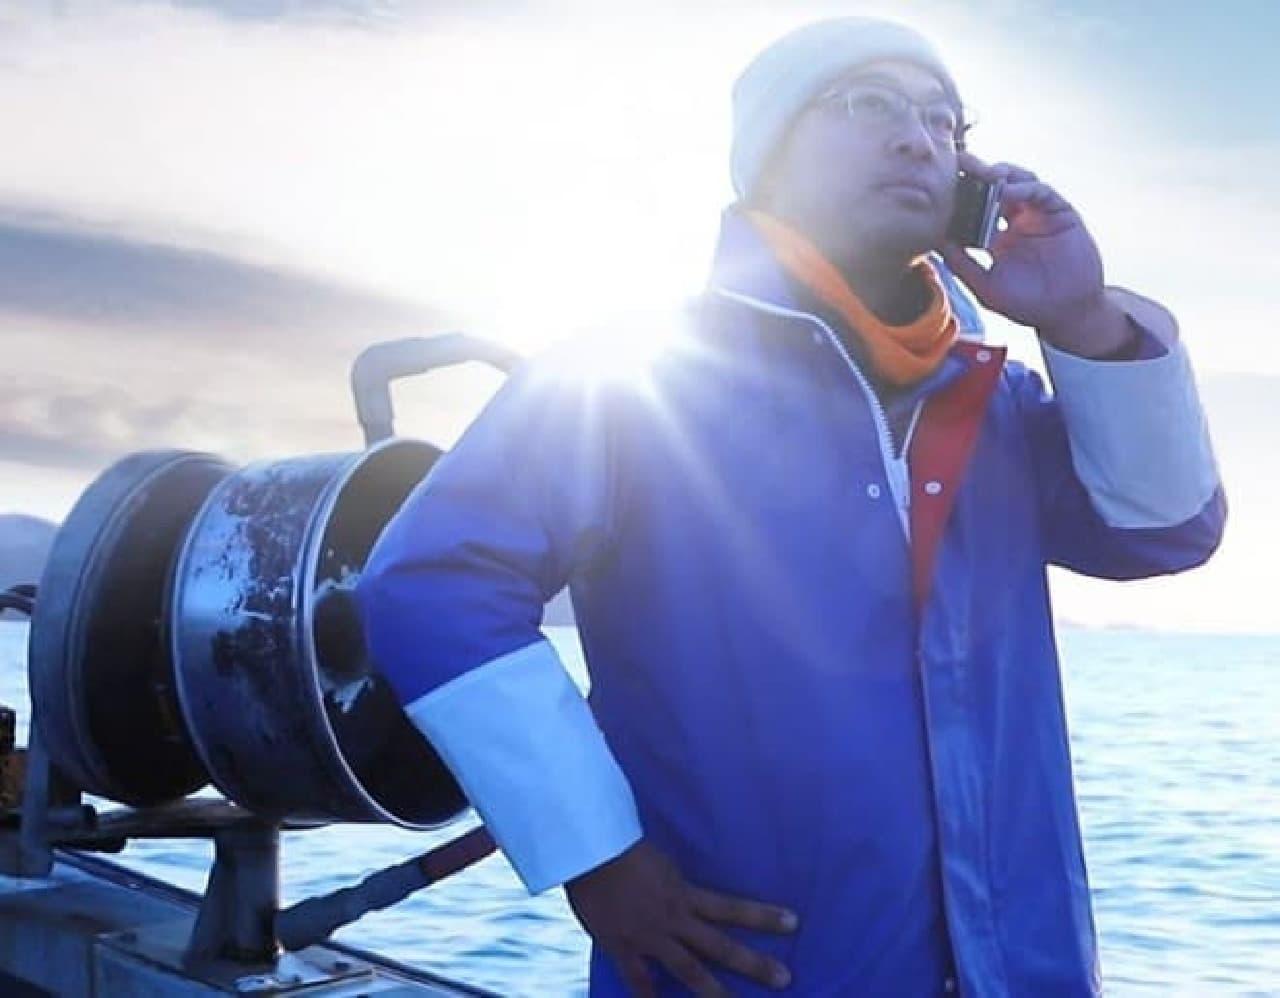 漁師さんによるモーニングコールサービス「FISHERMAN CALL」